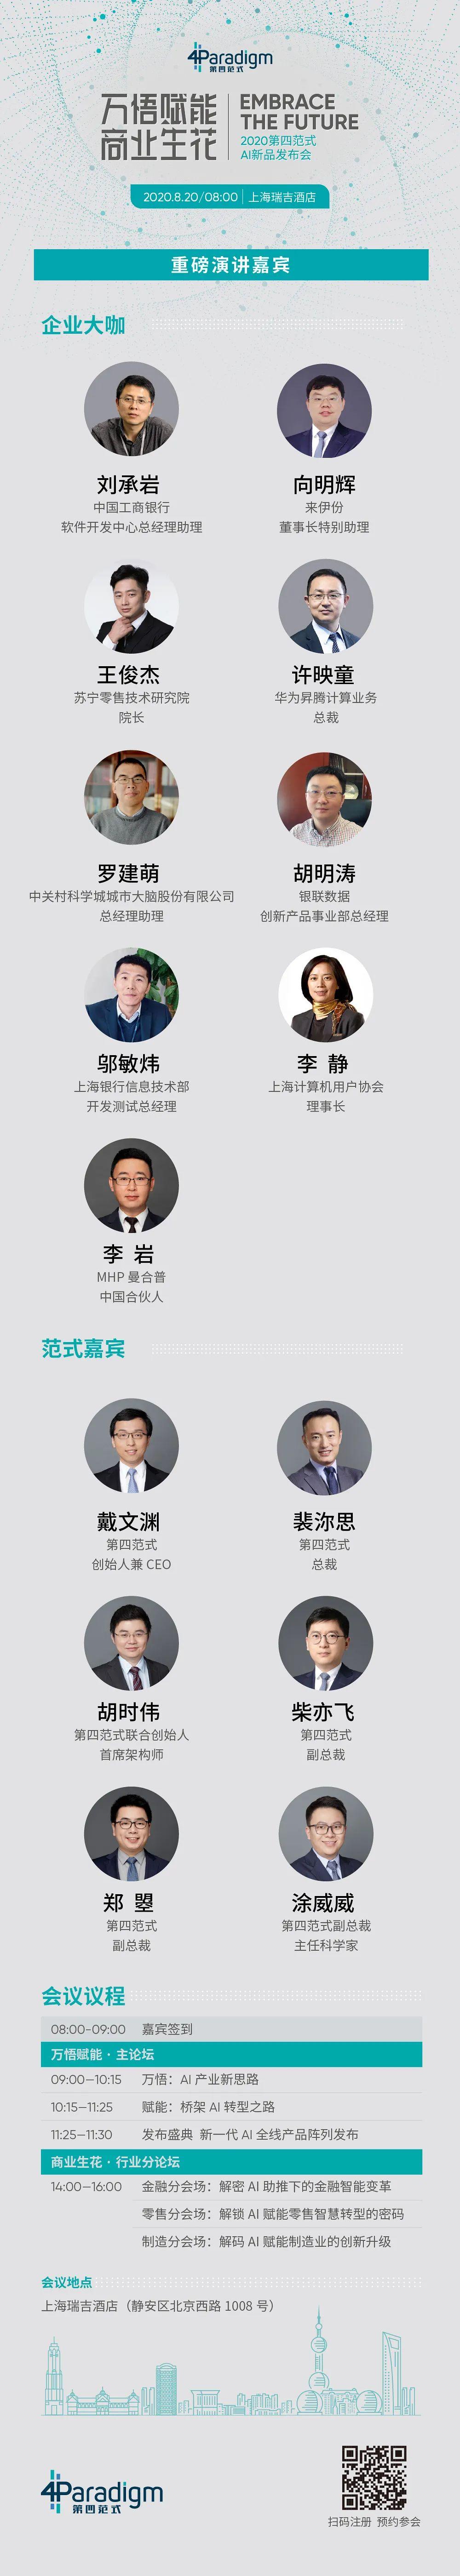 第四范式天枢入选毕马威首届介绍图2